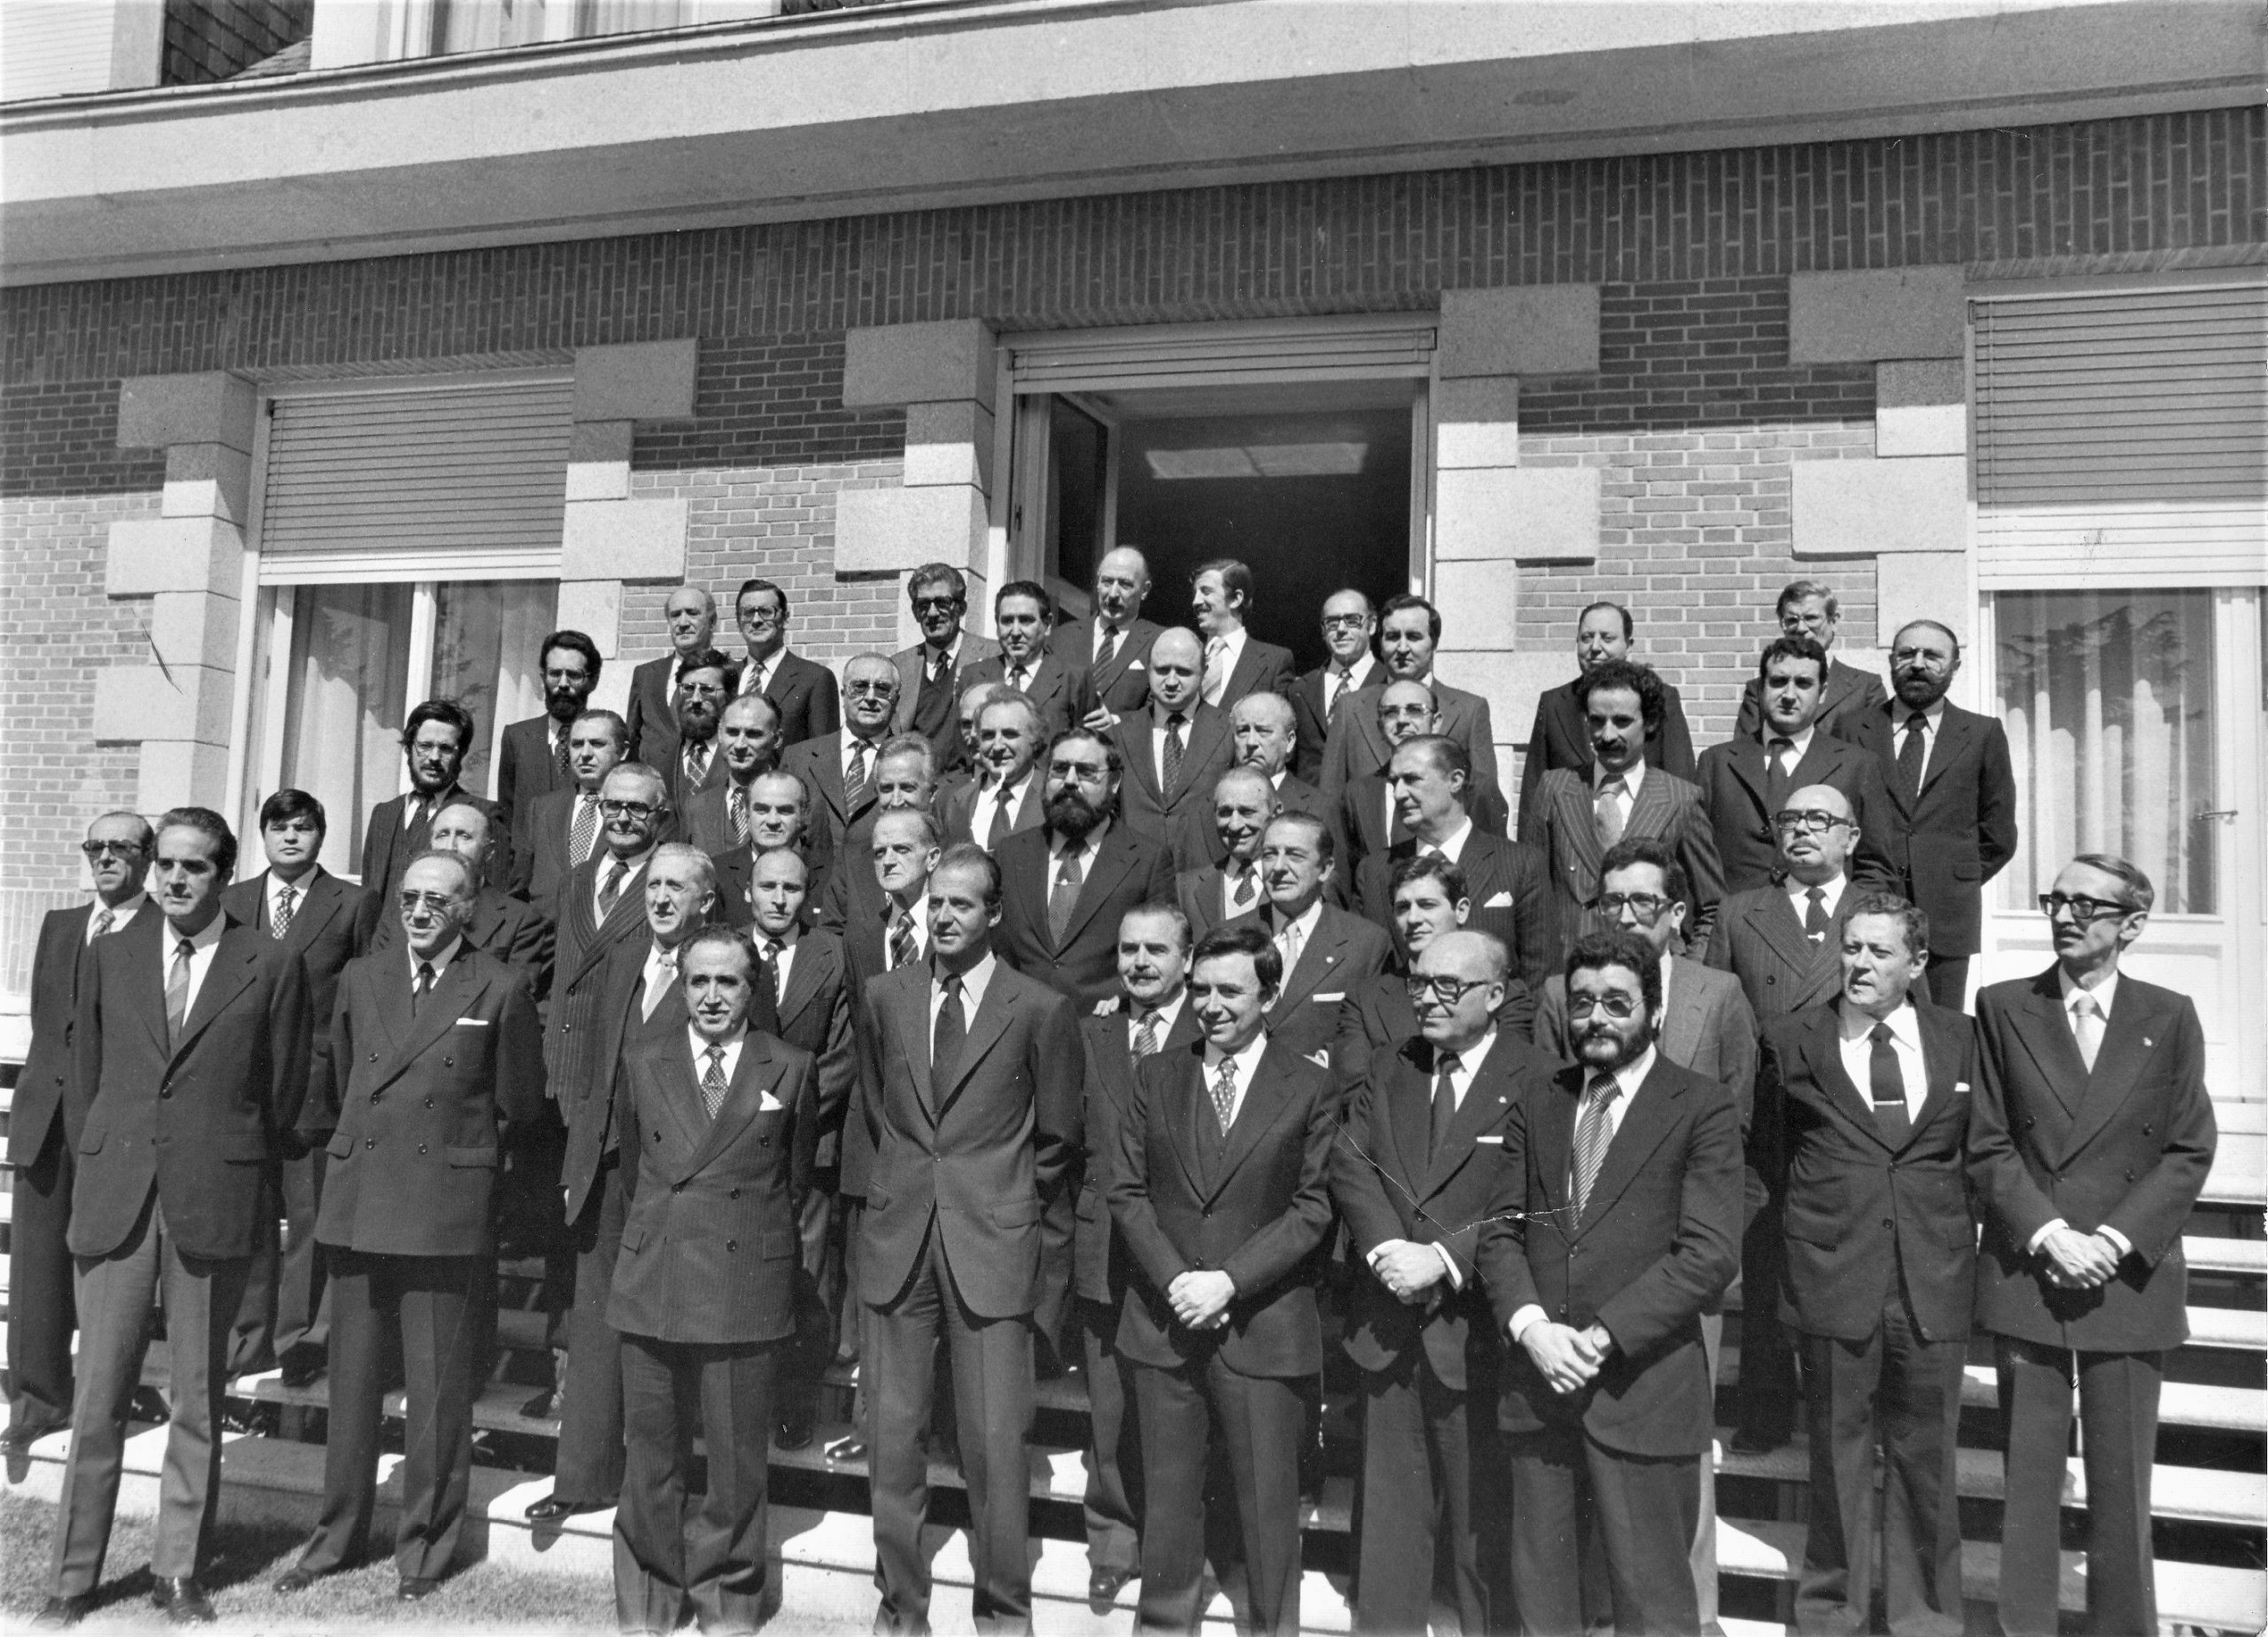 Los presidentes de la prensa de España, con el rey, en Zarzuela. Yo soy el de barbas, arriba a la izquierda. ARCHIVO J.M. PAGADOR